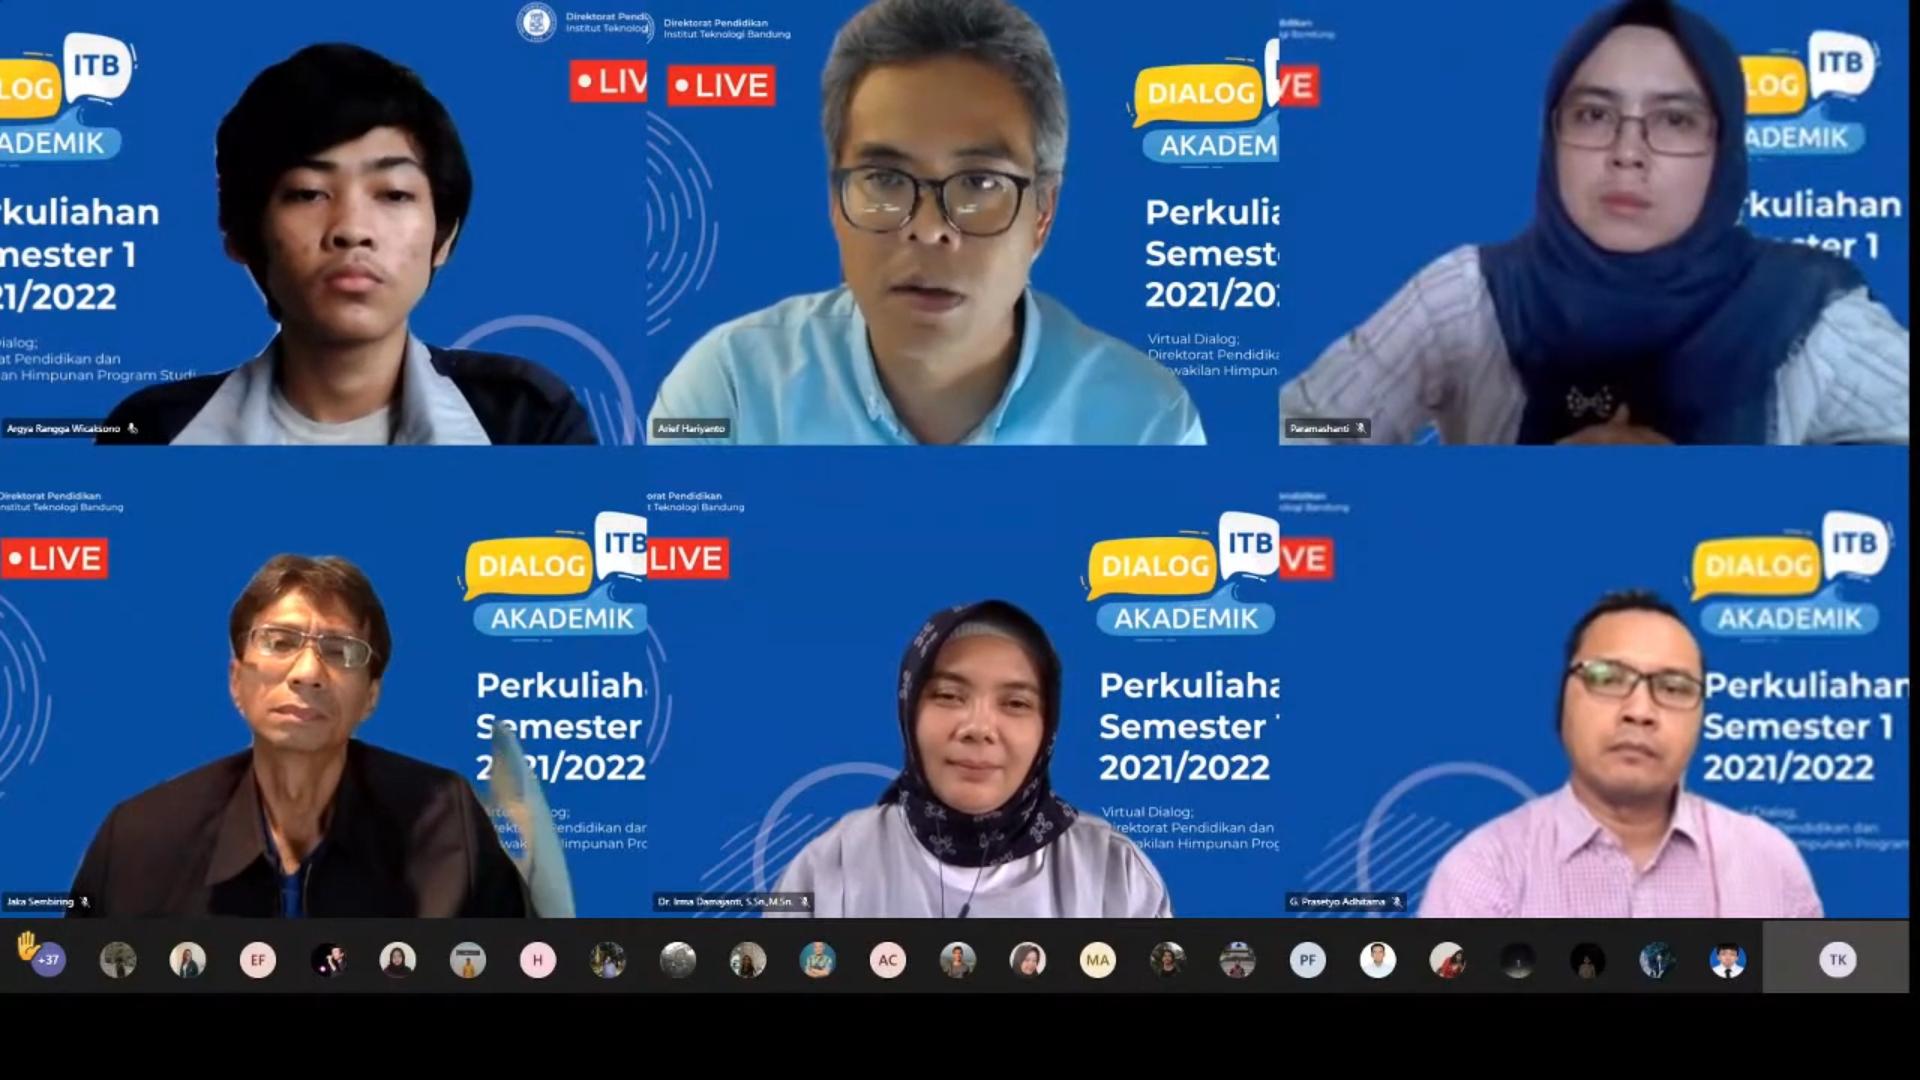 itb-gelar-dialog-akademik-bersama-perwakilan-mahasiswa